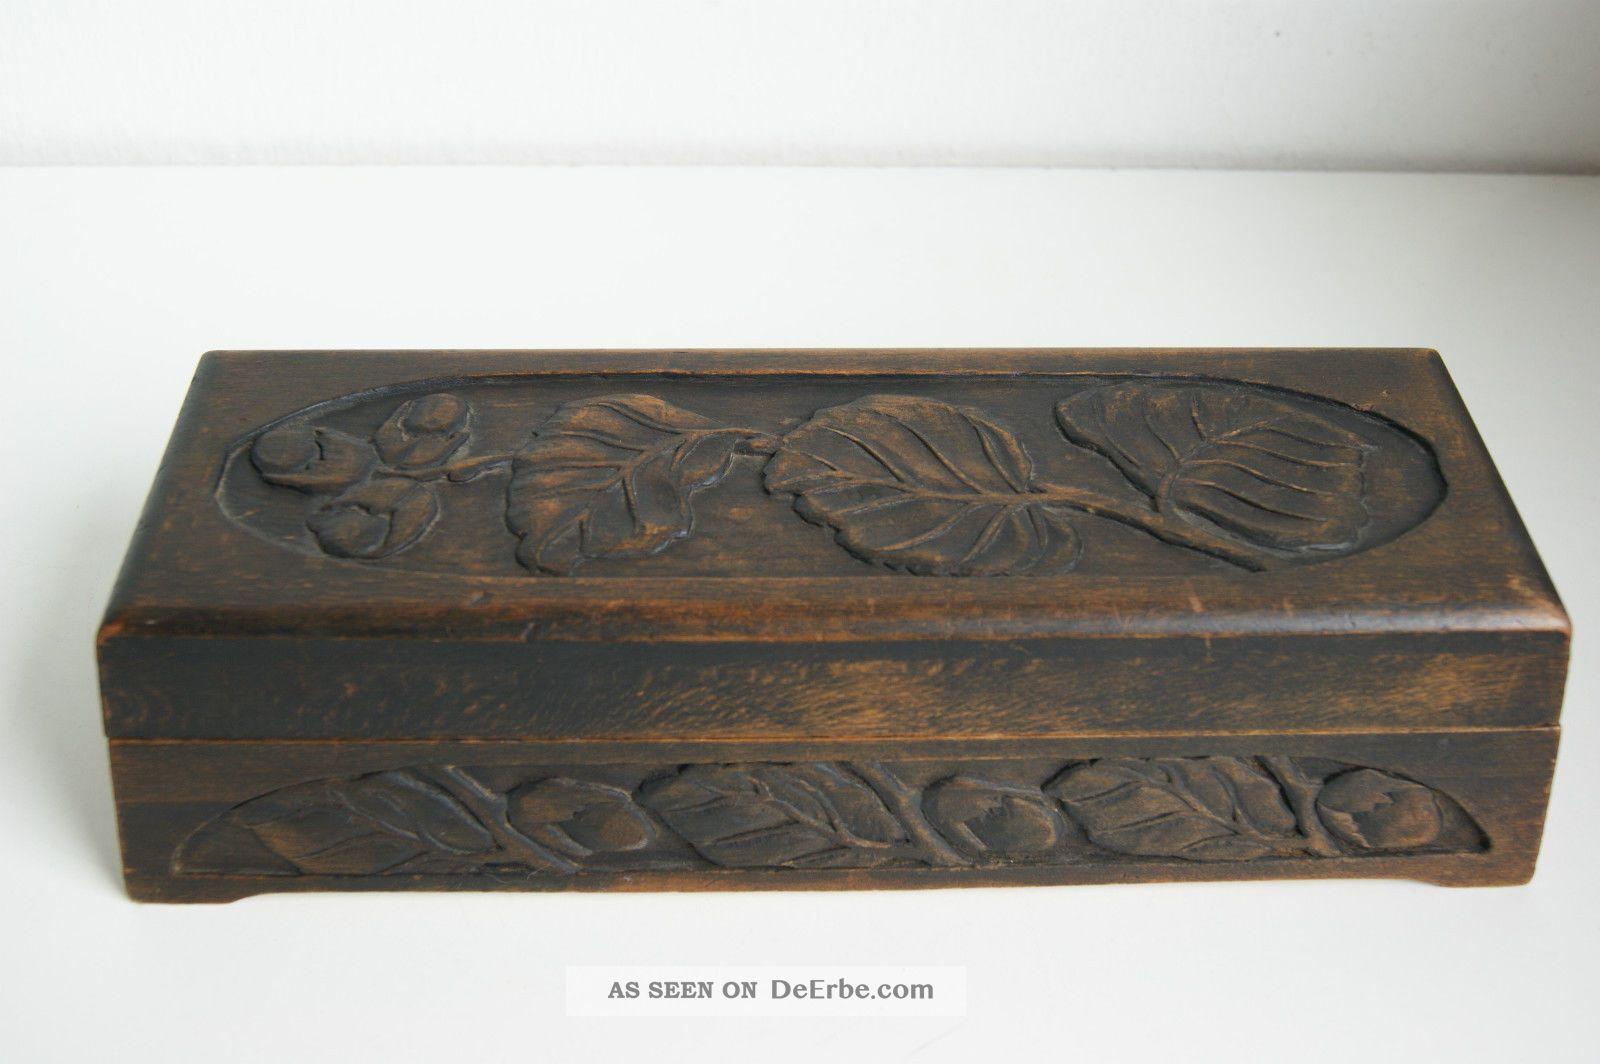 Jugendstil Schmuck - Schatulle Dose Holzdose Mit Schnitzereien Handschuhbox 1890-1919, Jugendstil Bild